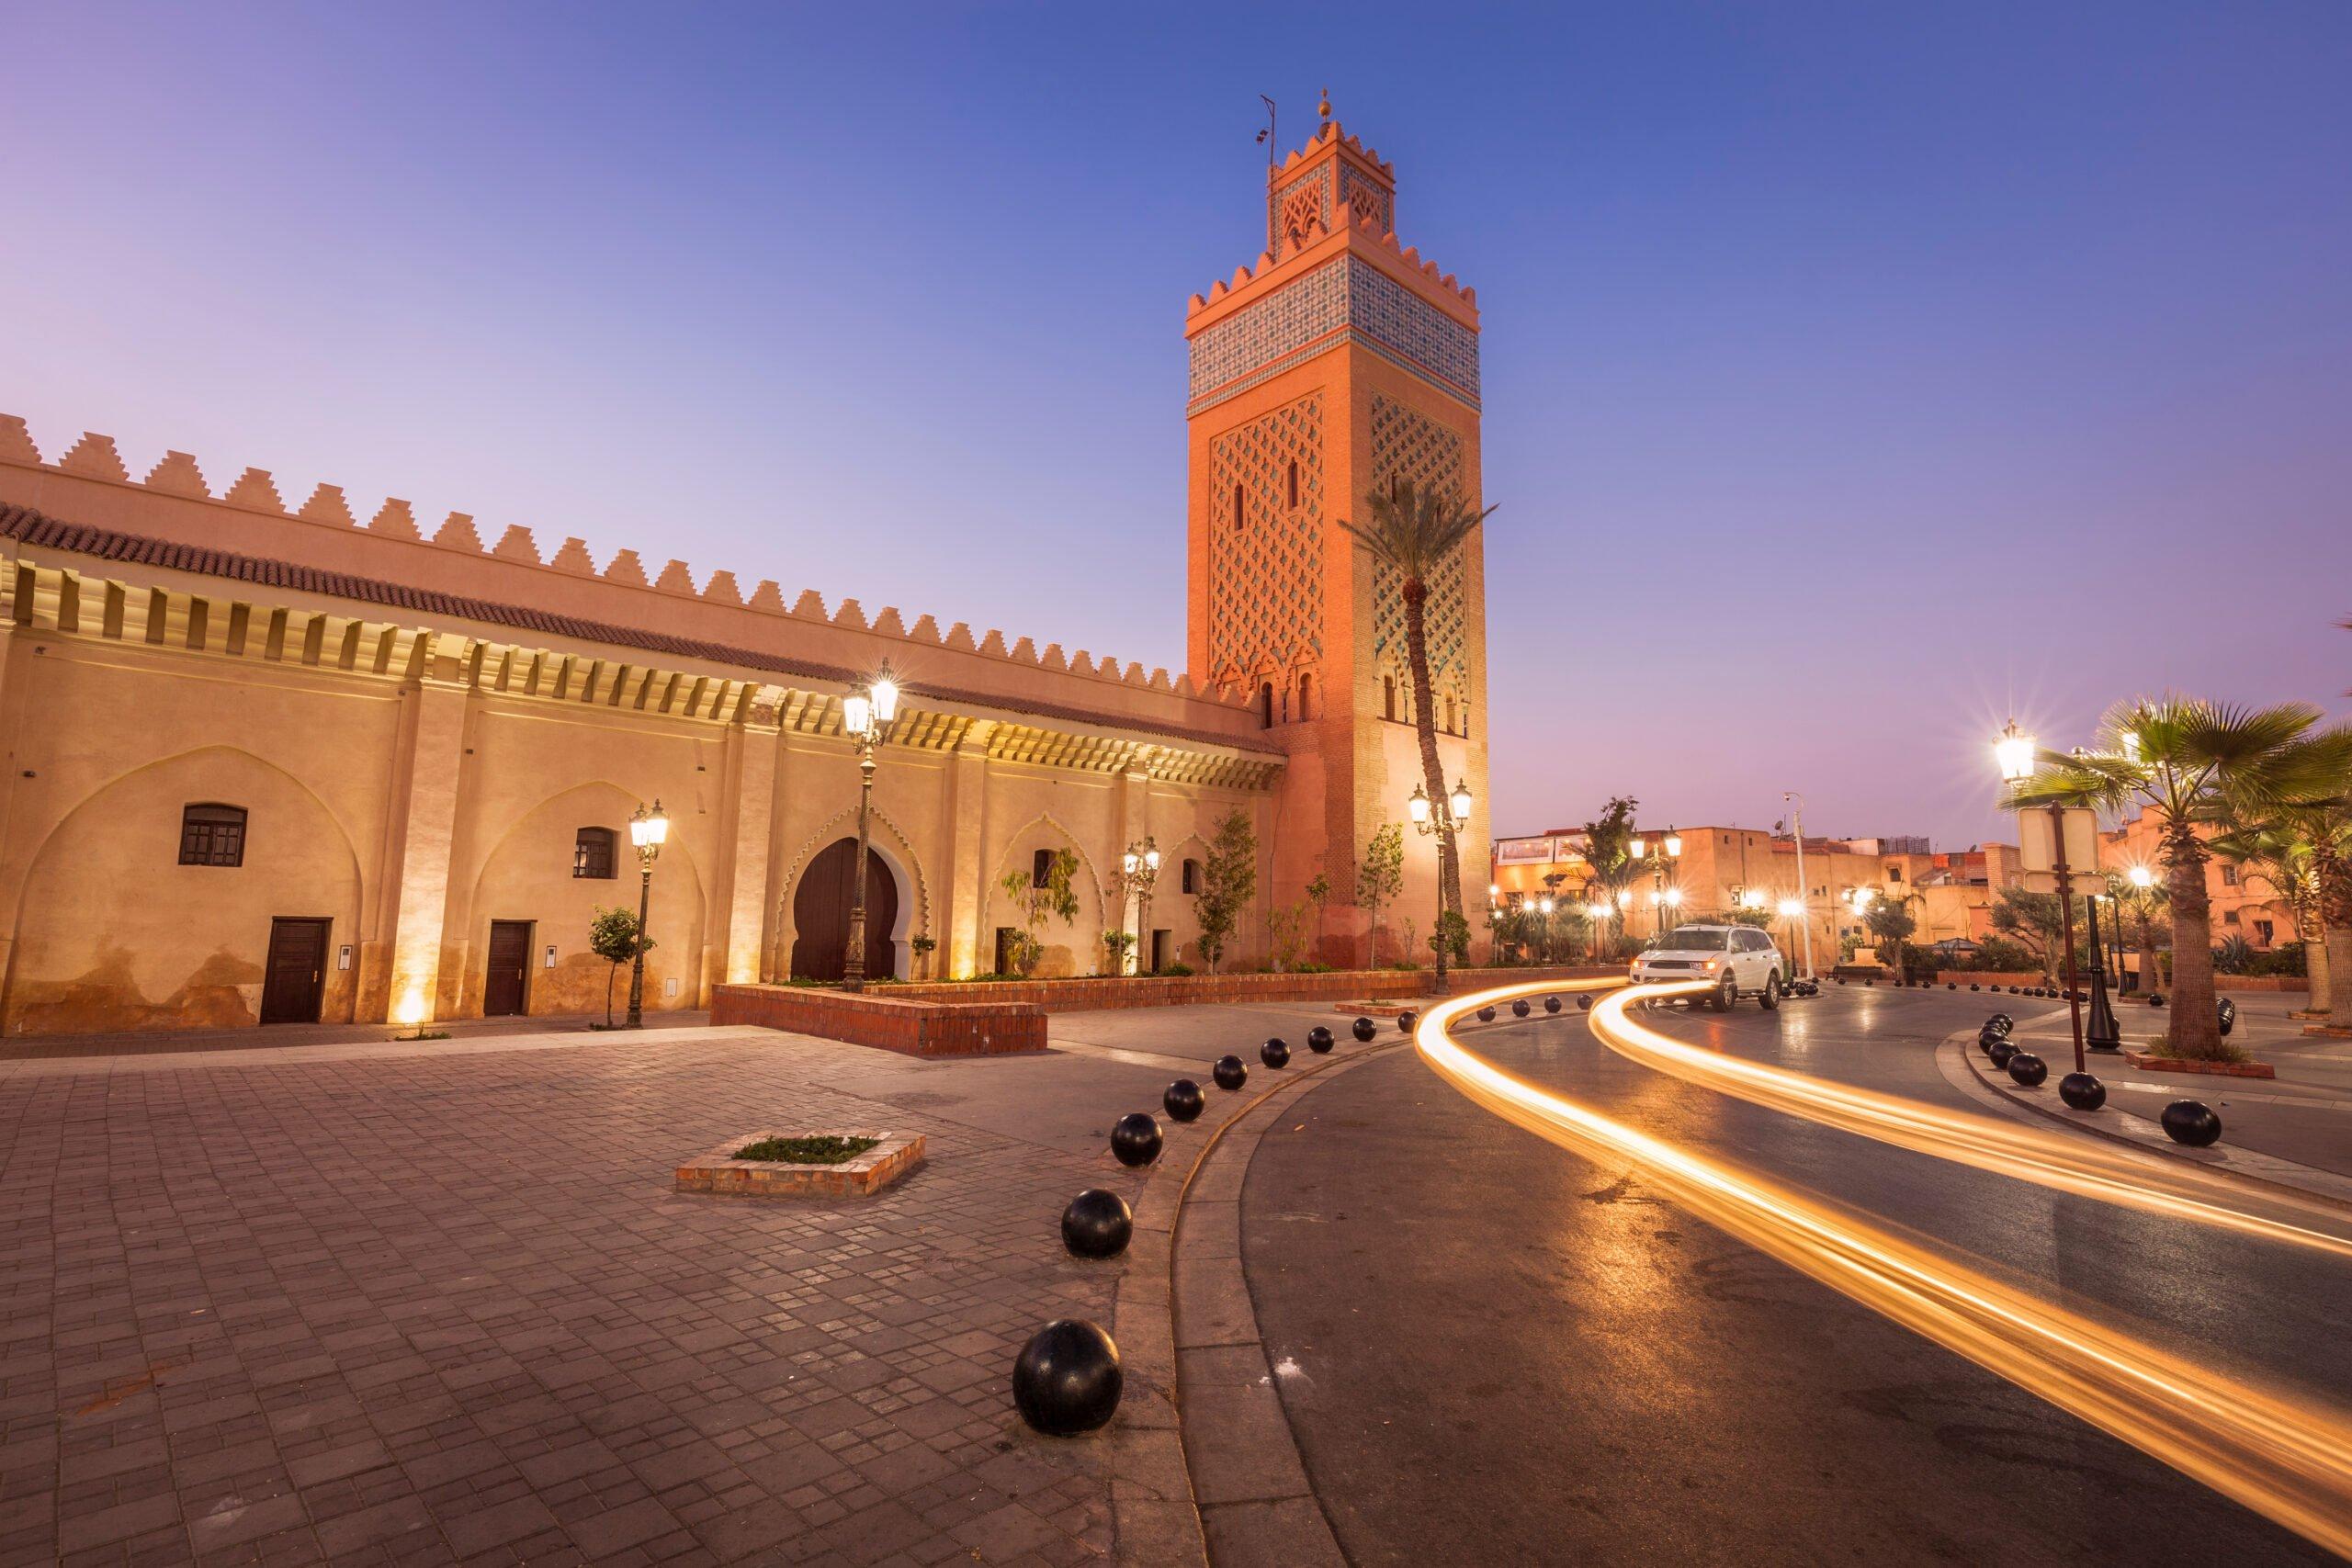 Kasbah,mosque In Marrakesh Morocco